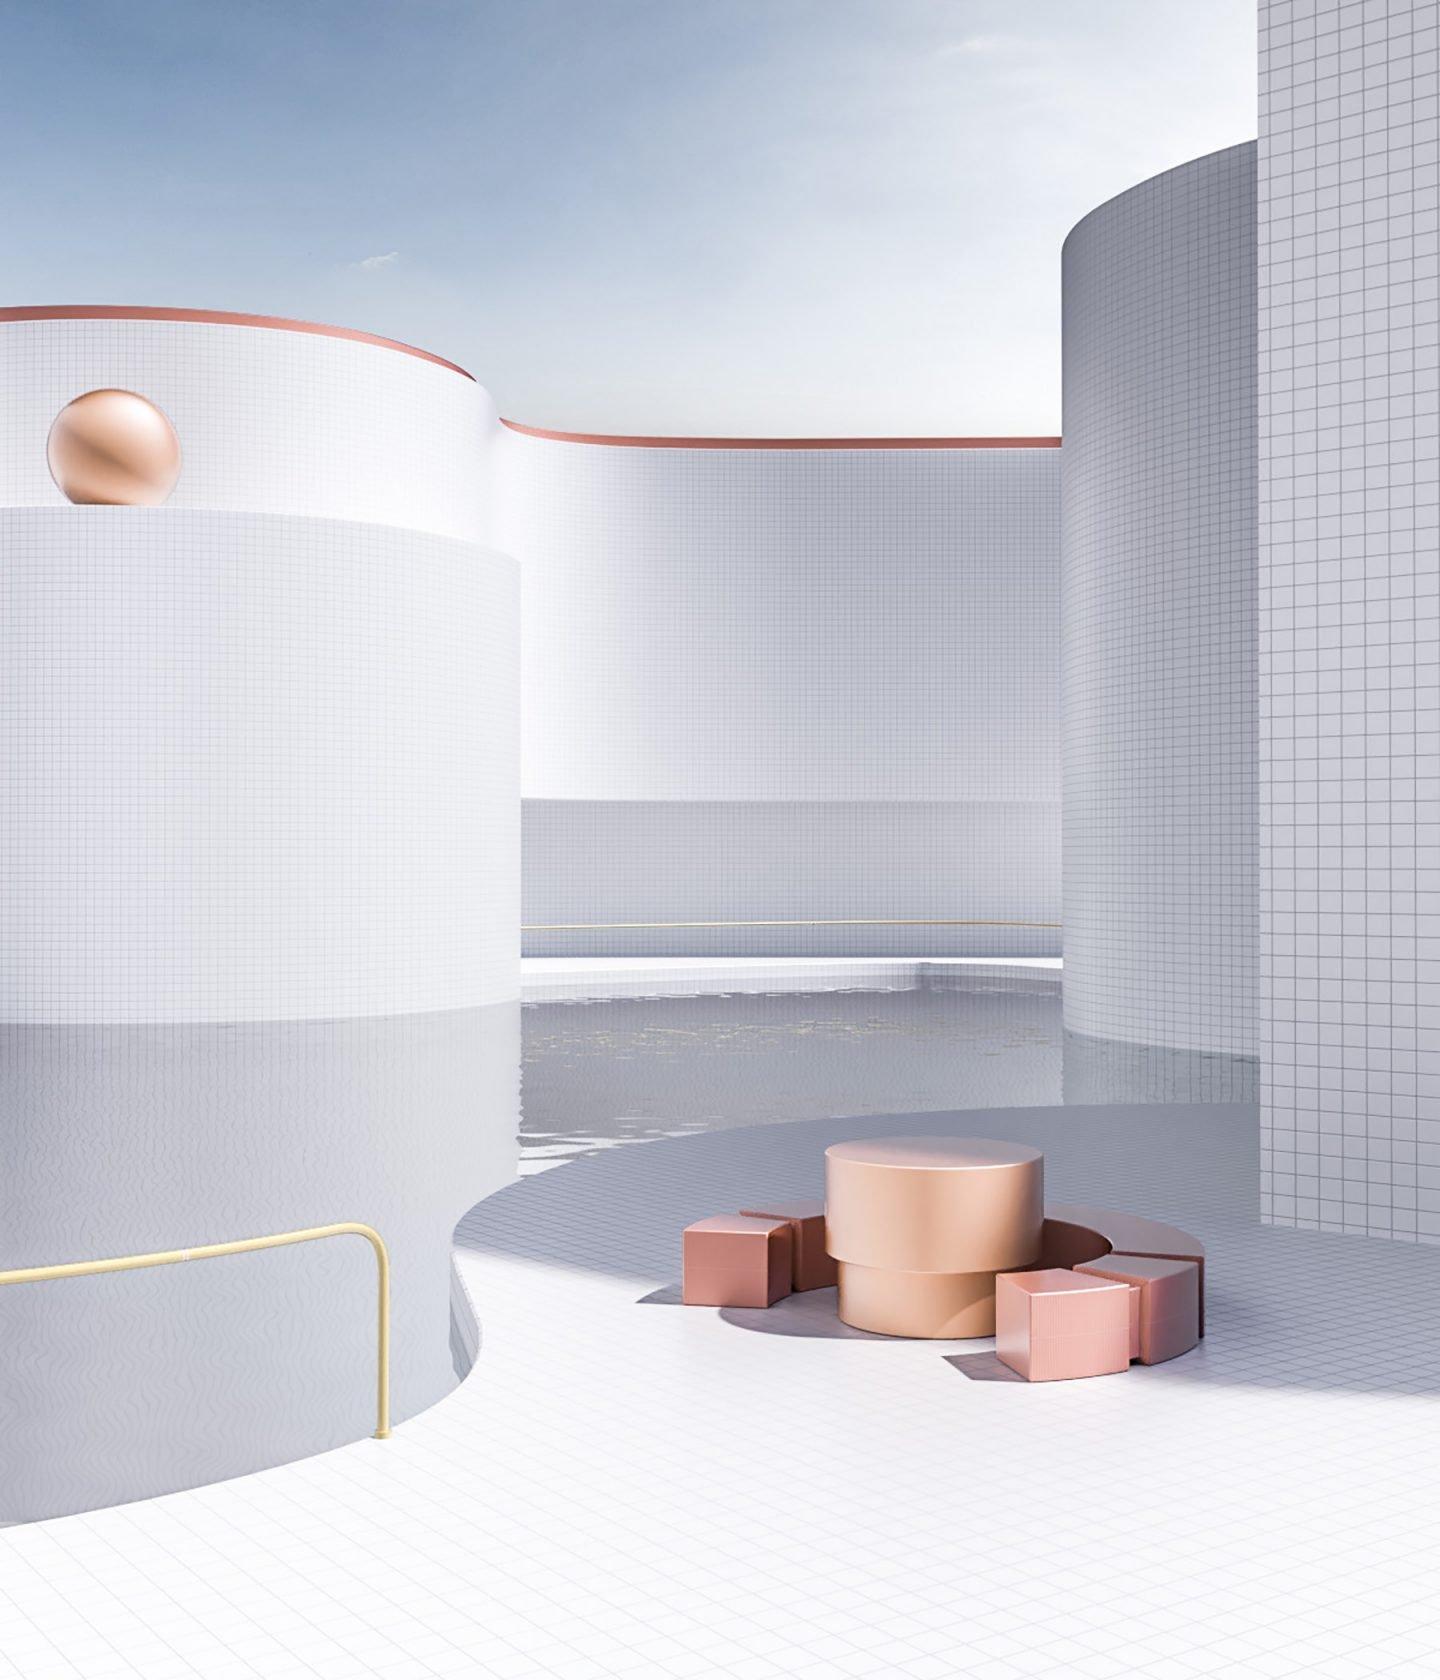 ignant-art-alexis-christodoulou-12-1440x1680